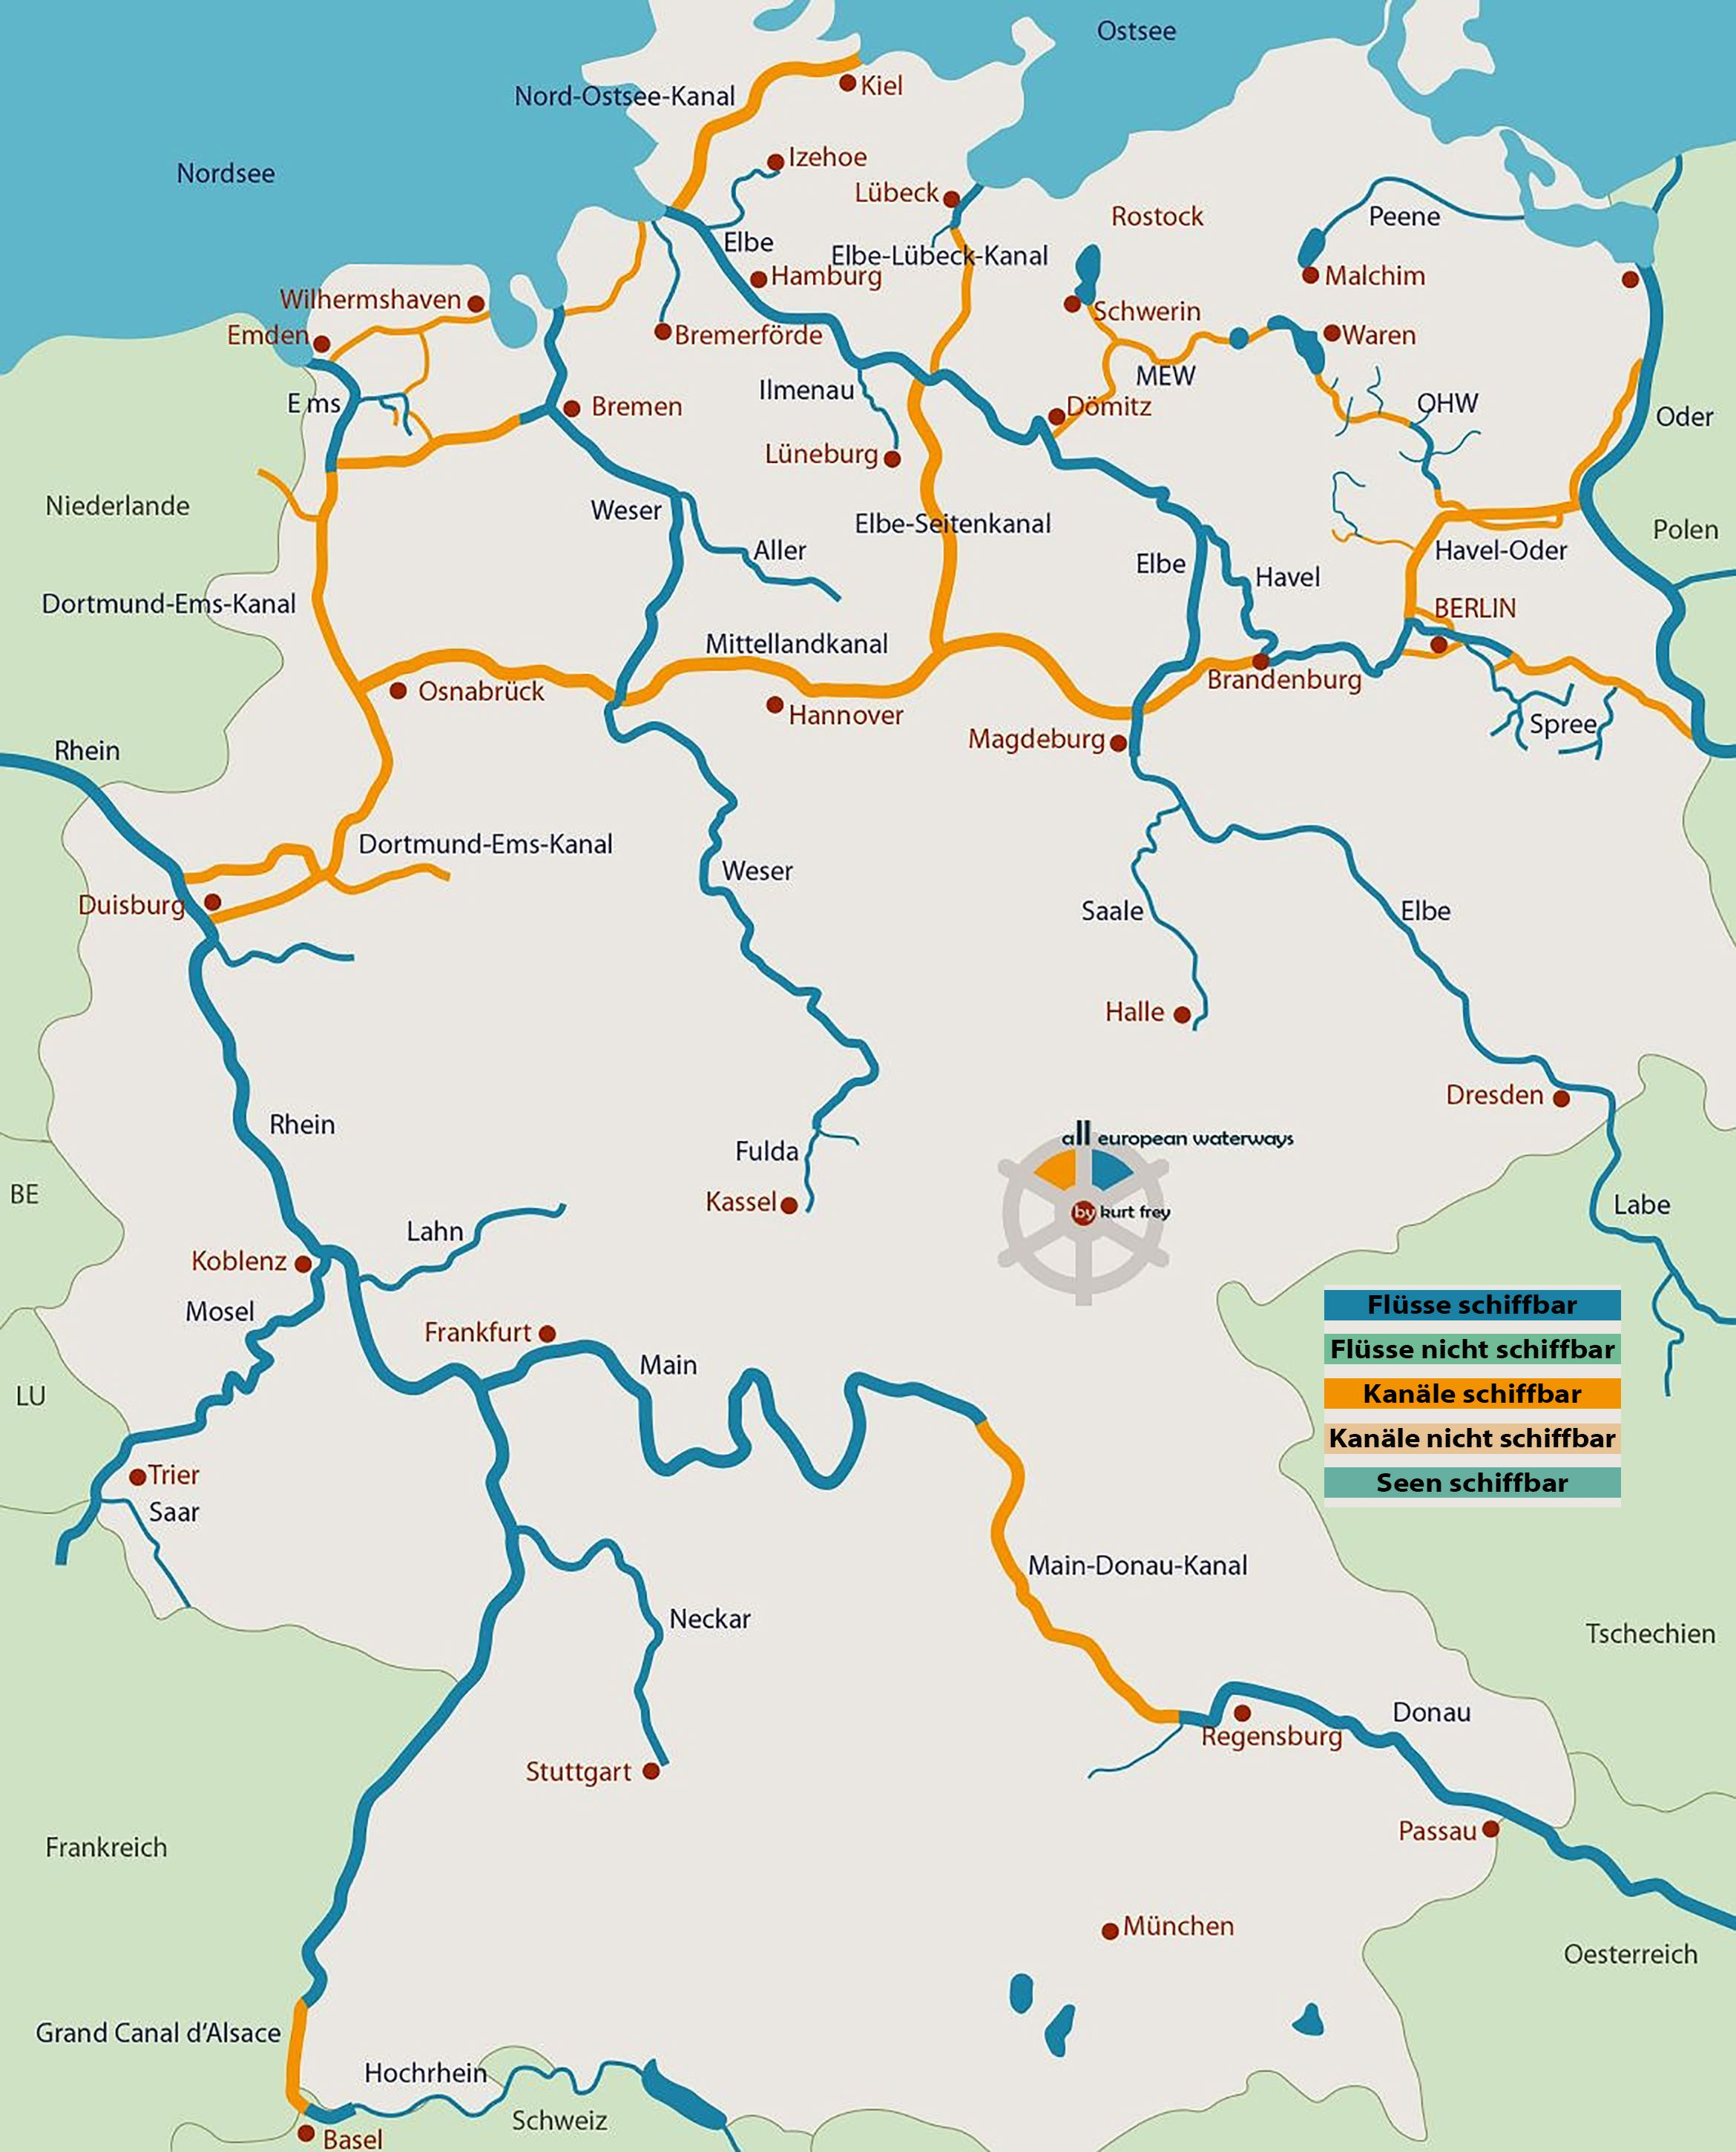 karte deutschland mit flüssen Deutschland, alle schiffbaren Gewässer, Kanäle, Flüsse, Seen und